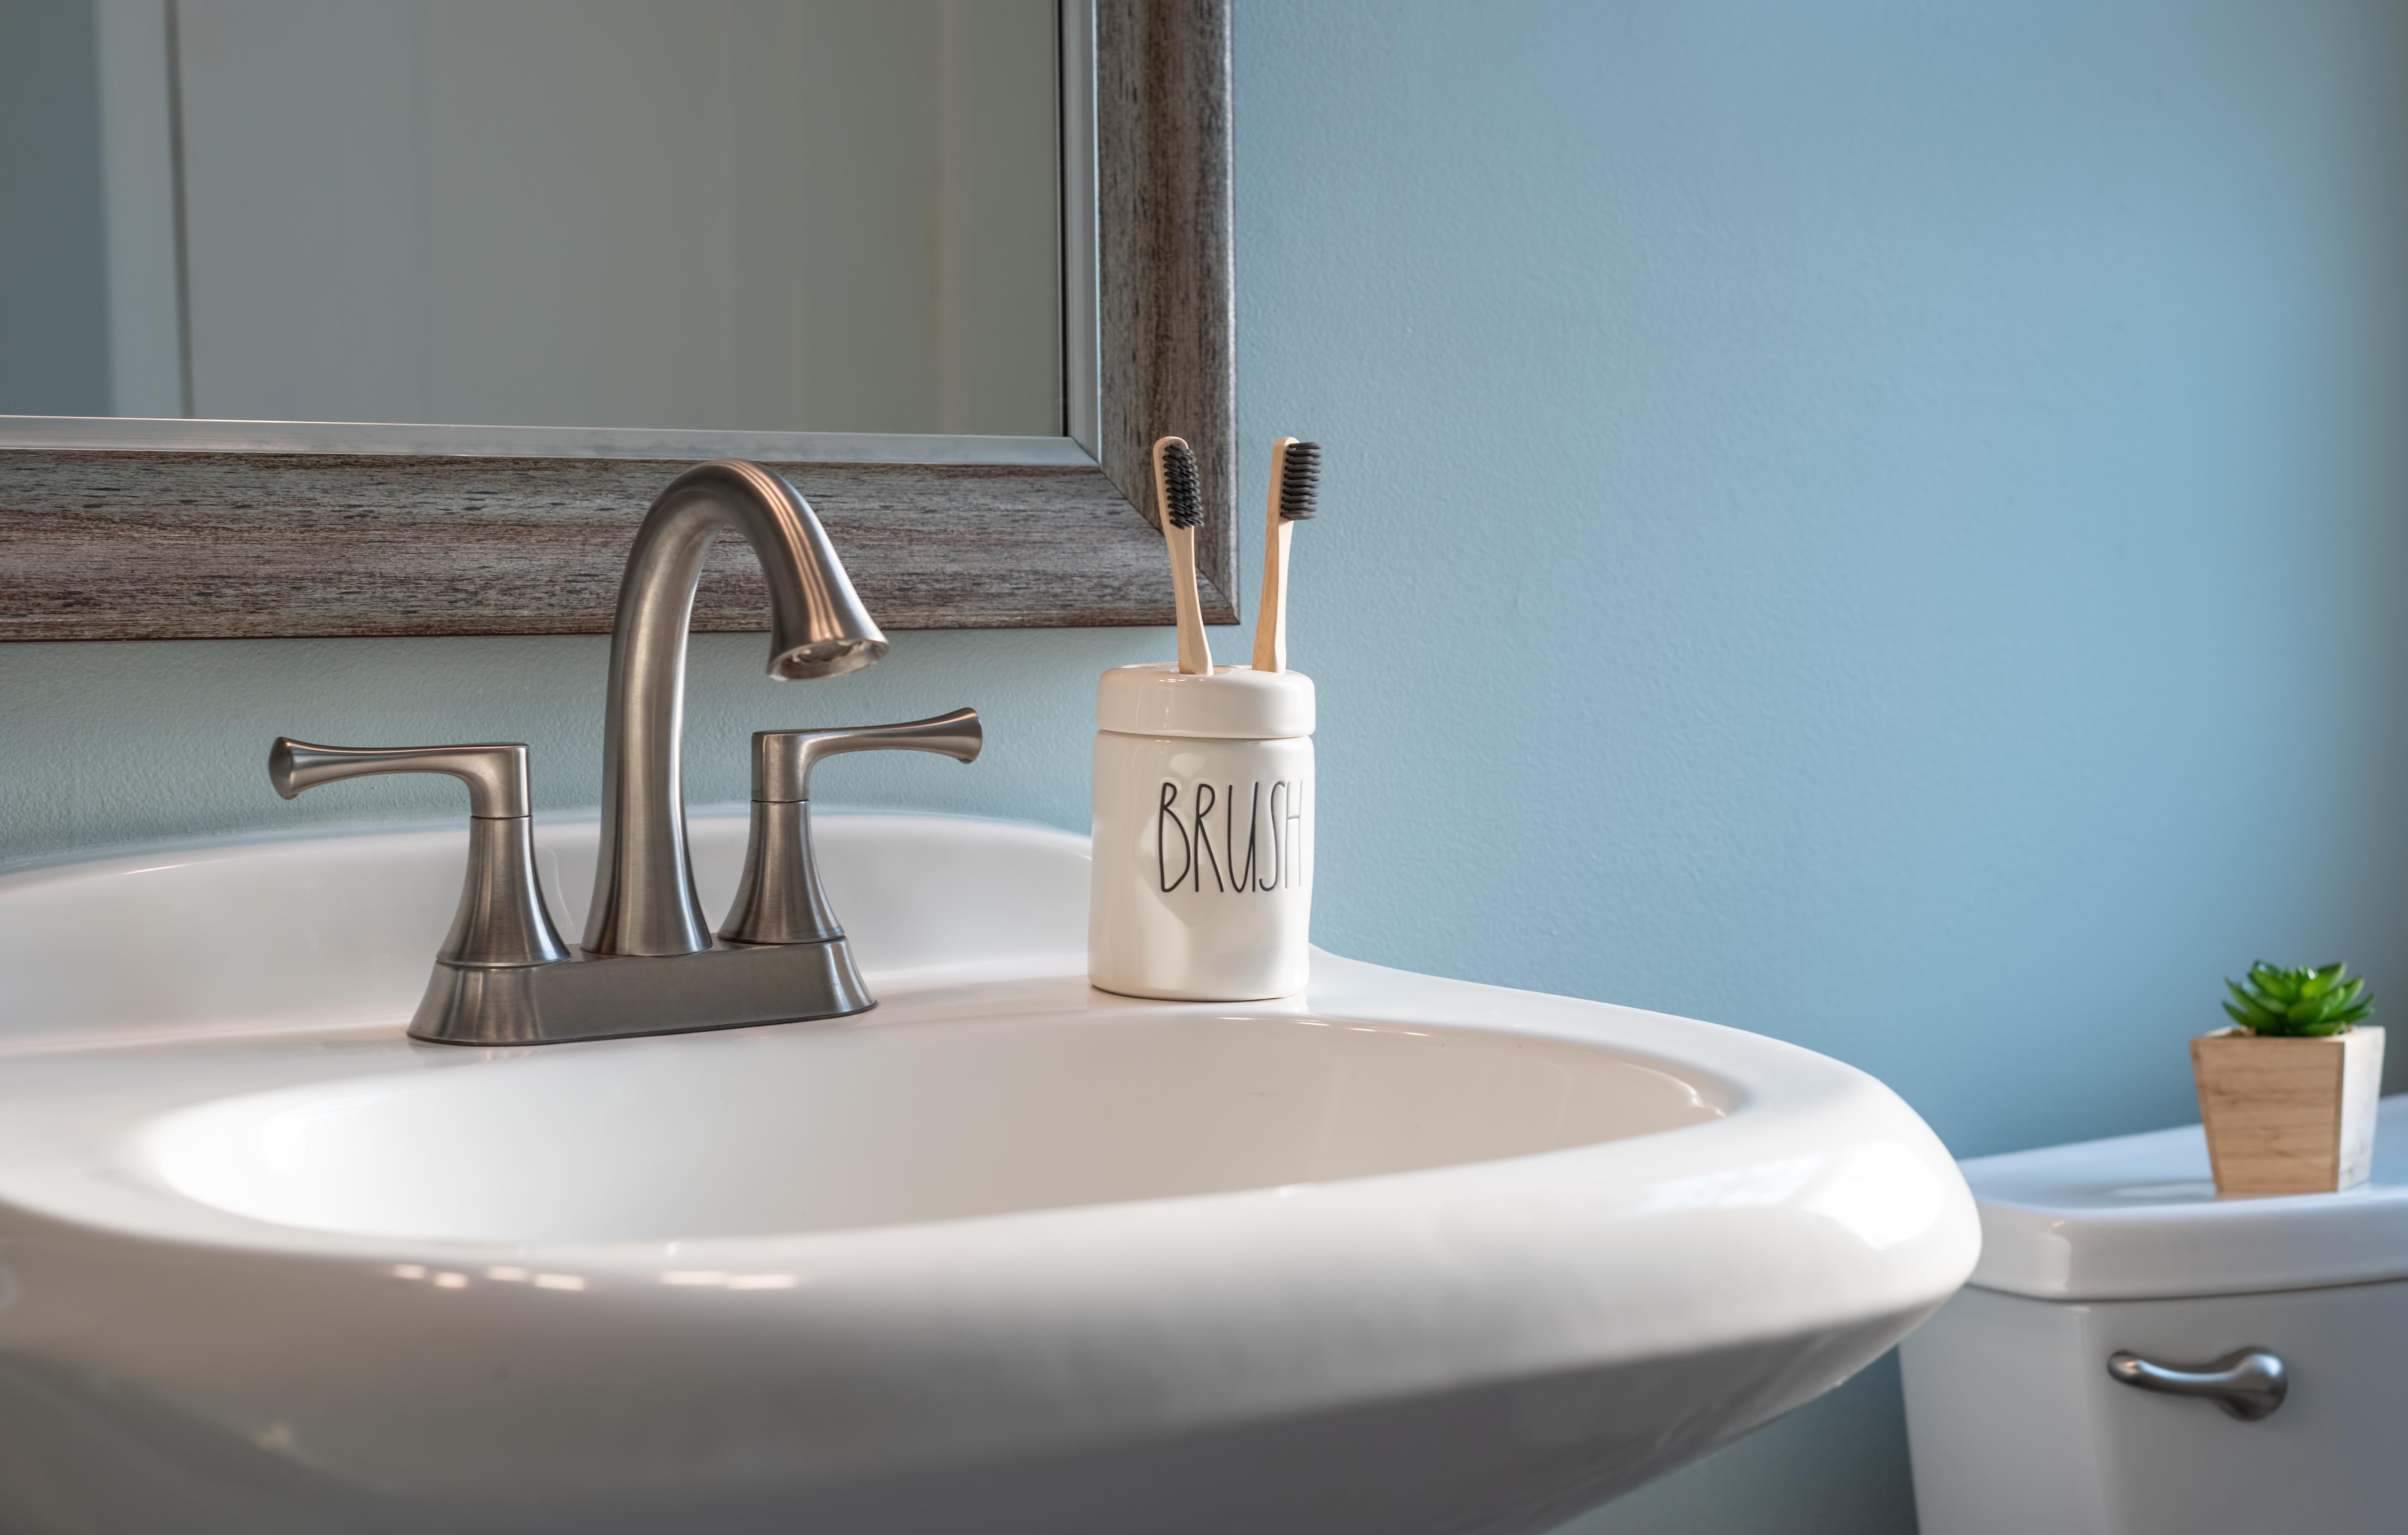 How To Fix A Leak In The Bathroom Sink Hunker